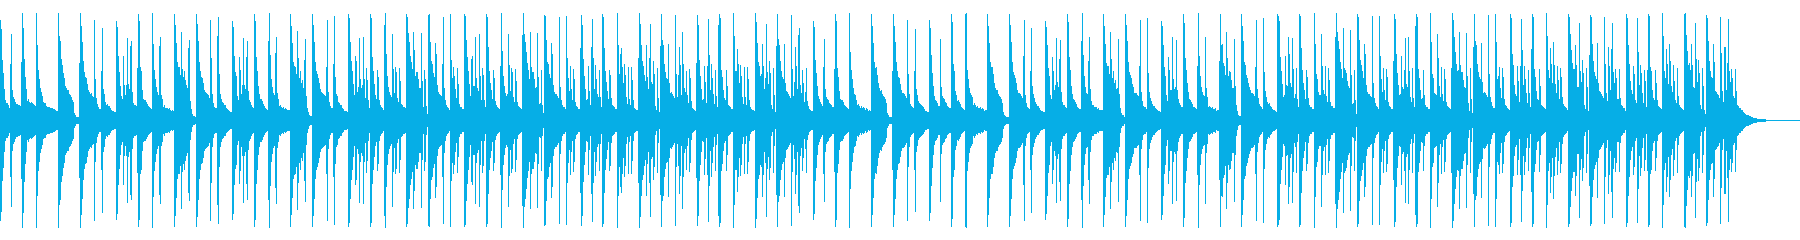 怪しいオルゴール ベース ドラムラインの再生済みの波形